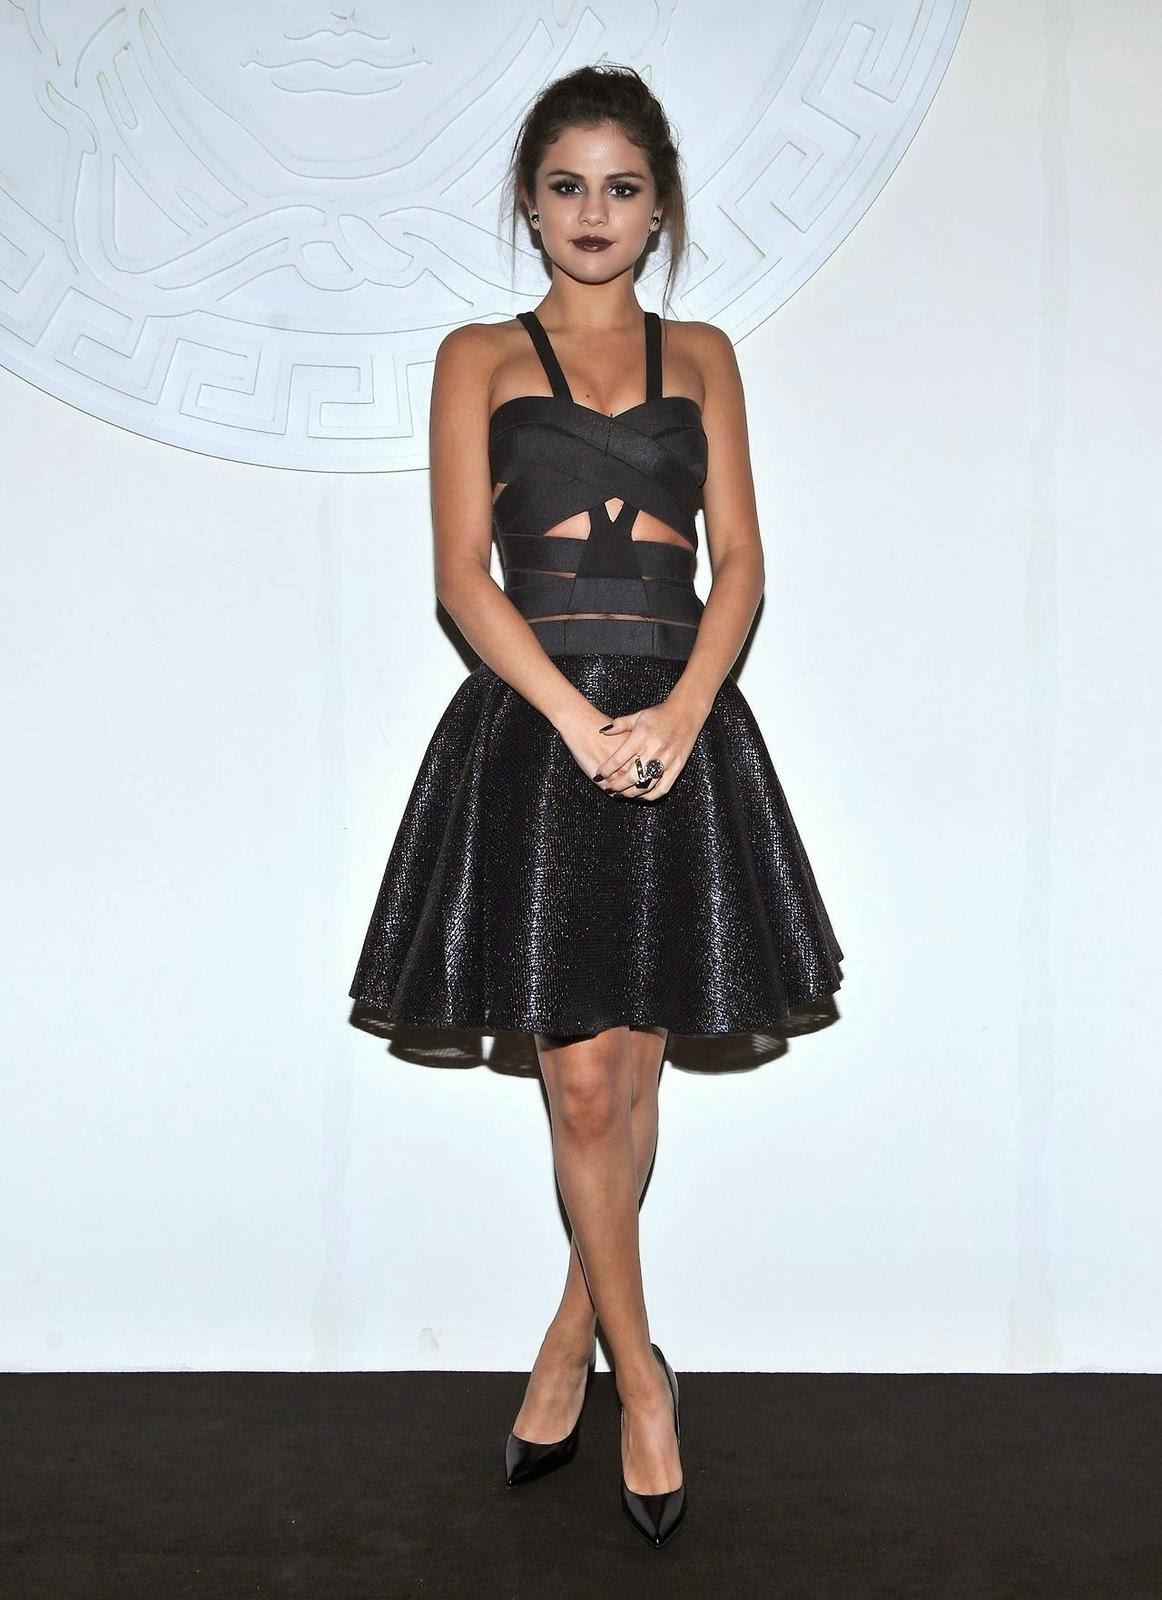 Selena Gomez Sexy Cutout Dress At Versace Show At Milan Fashion Week